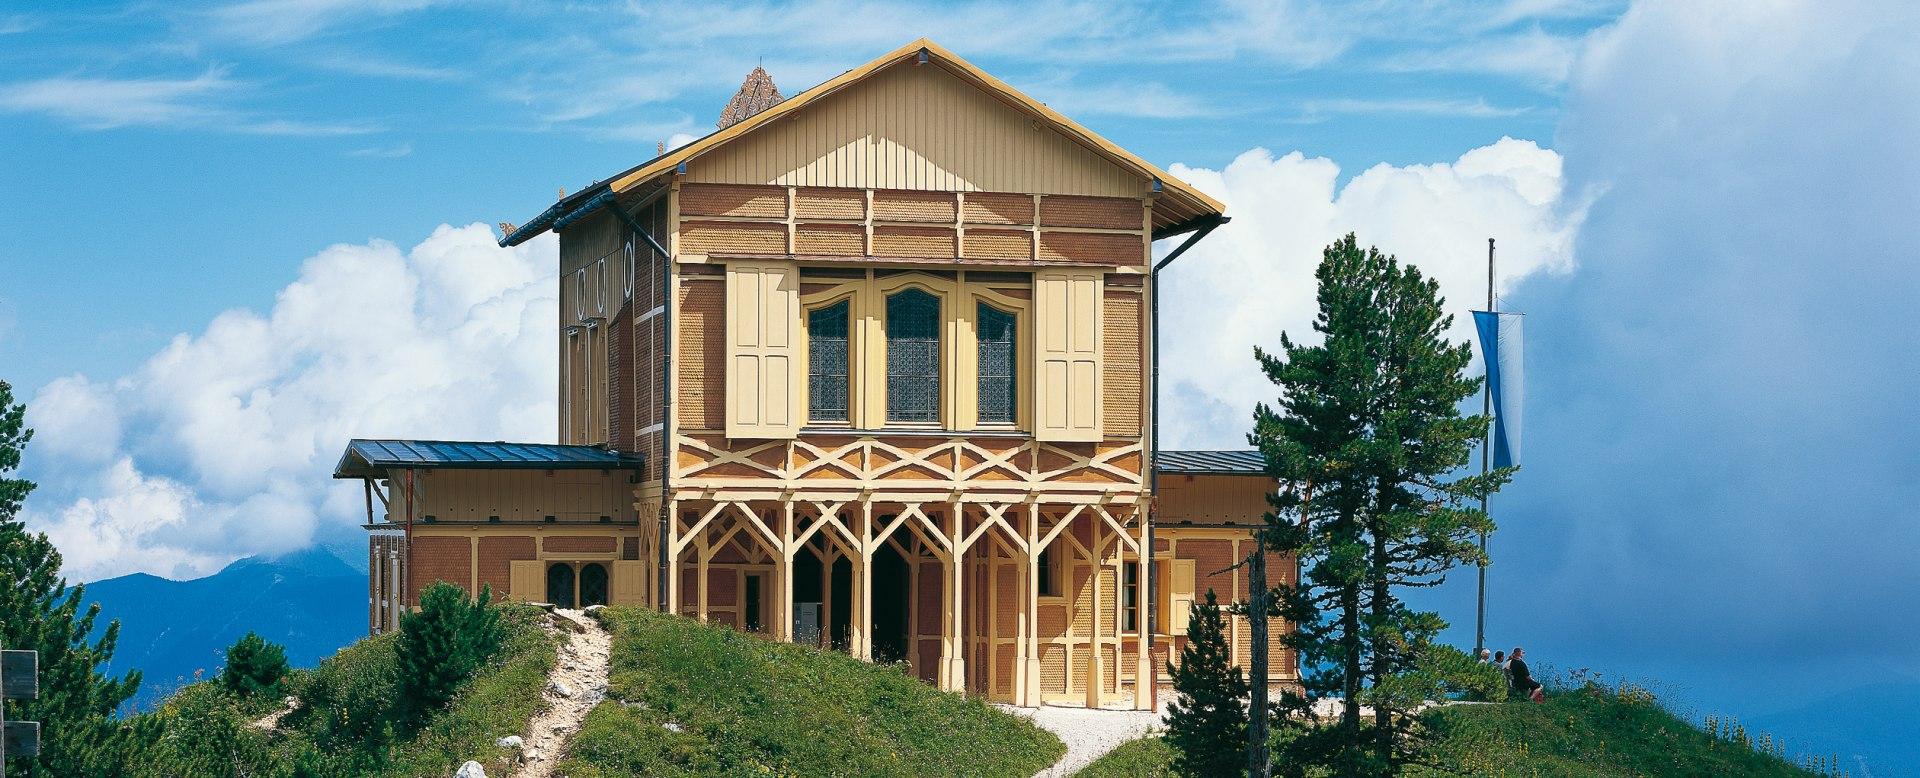 Königshaus am Schachen, © Bayerische Schlösserverwaltung